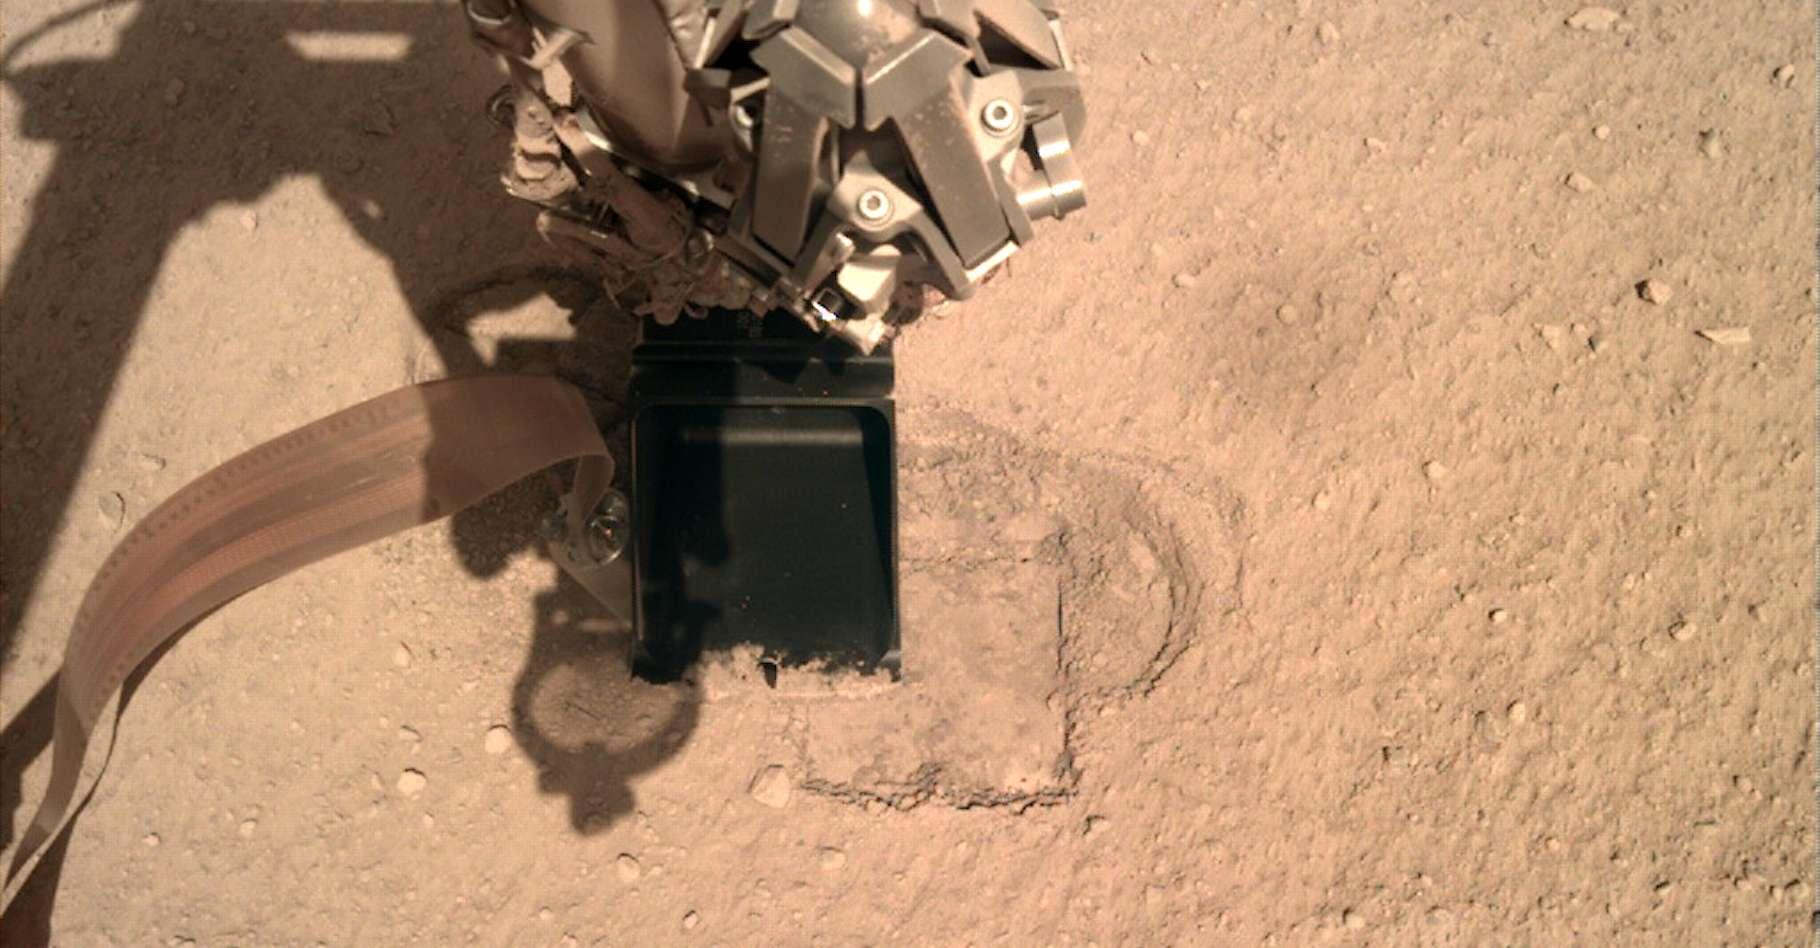 Ici, le bras robotisé de l'atterrisseur InSight qui presse le capteur de flux thermique HP3 afin de lui offrir la résistance suffisante à lui permettre de creuser le sol de Mars. © Nasa, JPL-Caltech